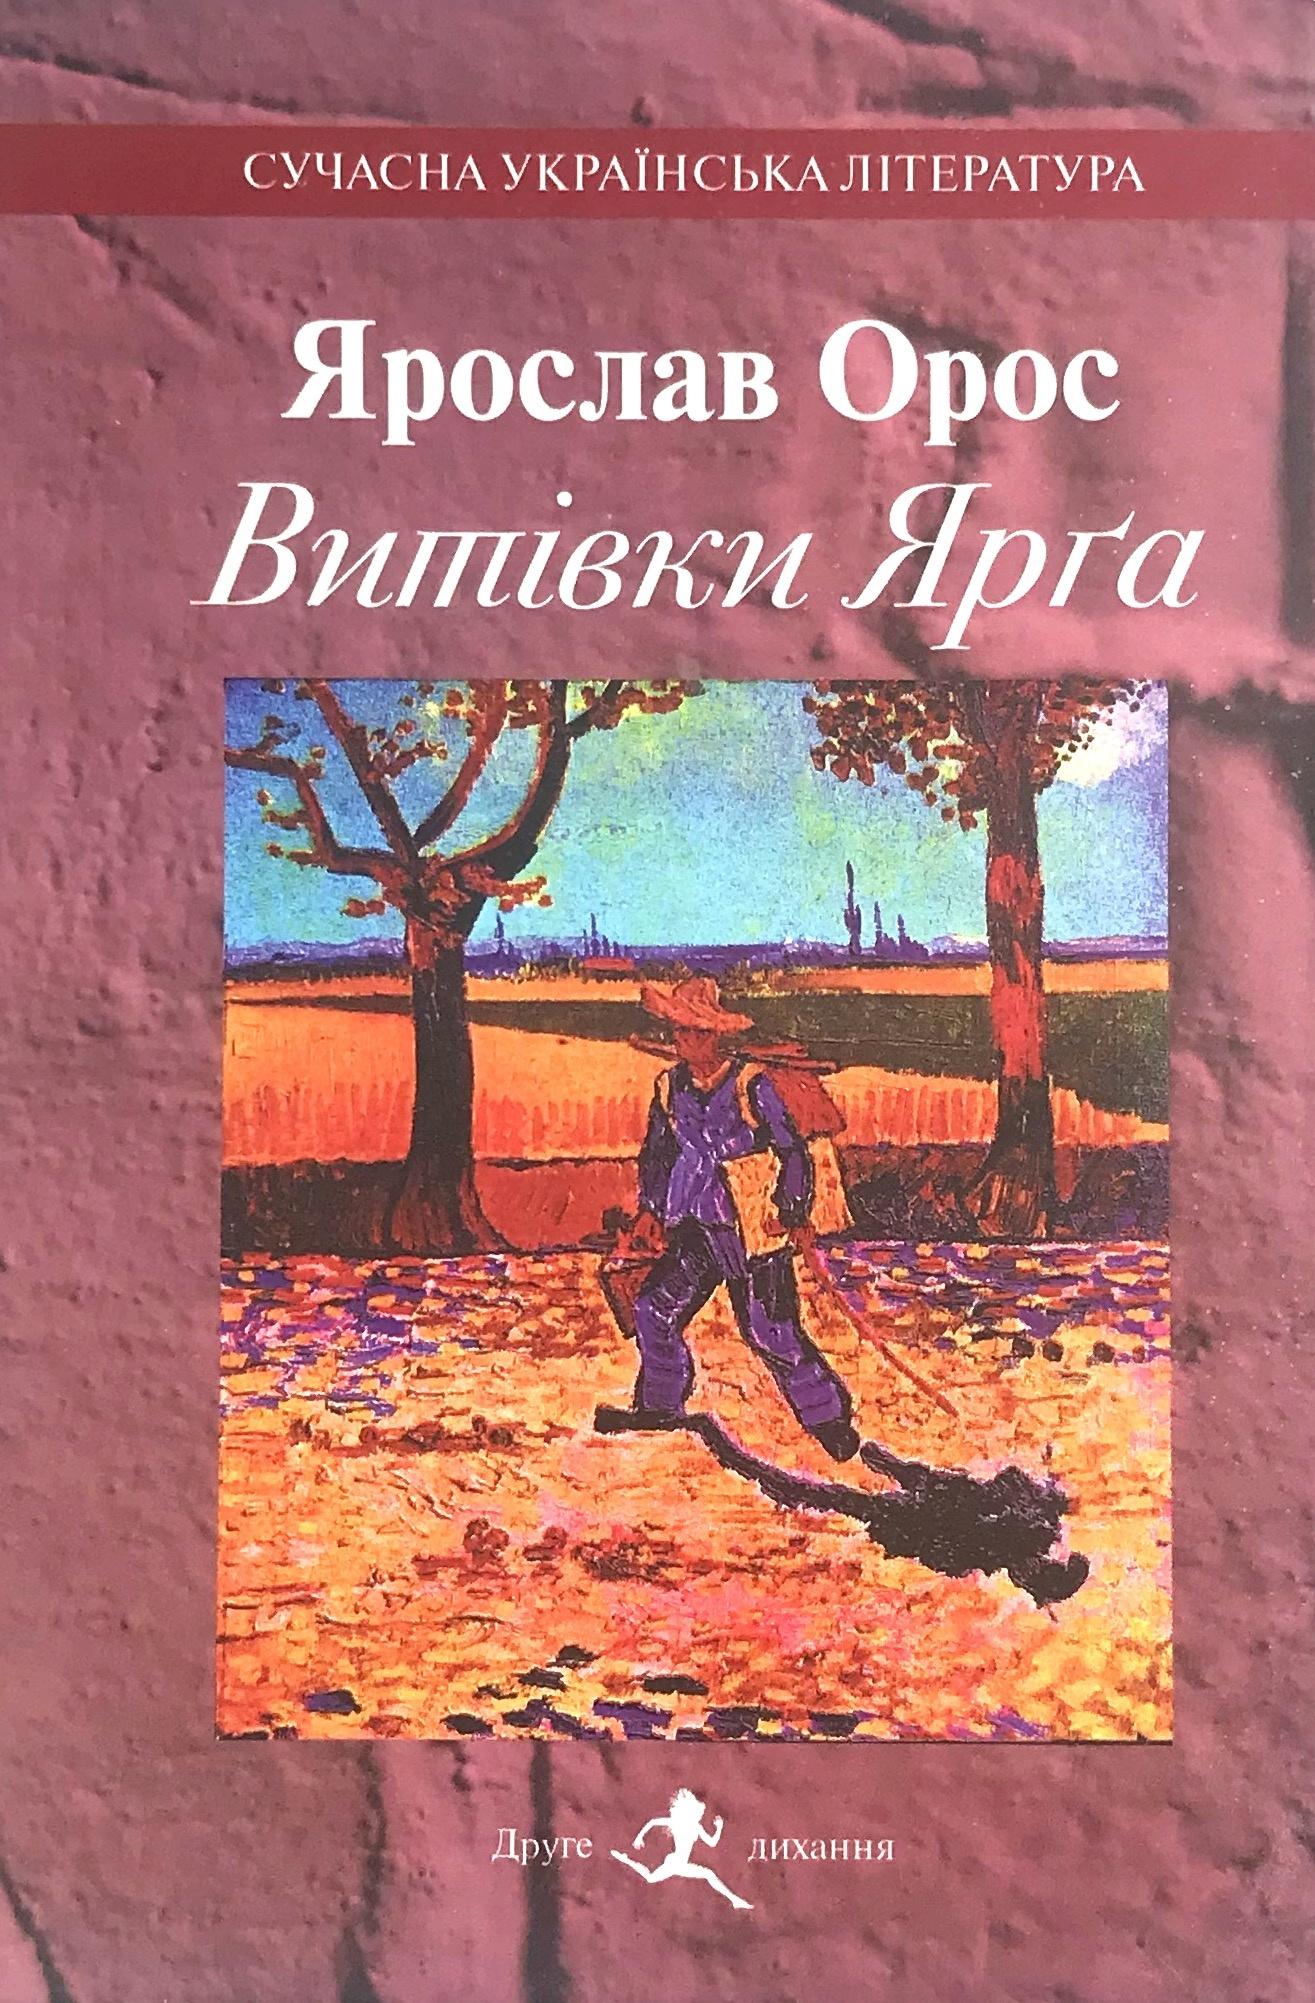 Витівки Ярга. Гутірки коло ватри. Автор — Ярослав Орос.